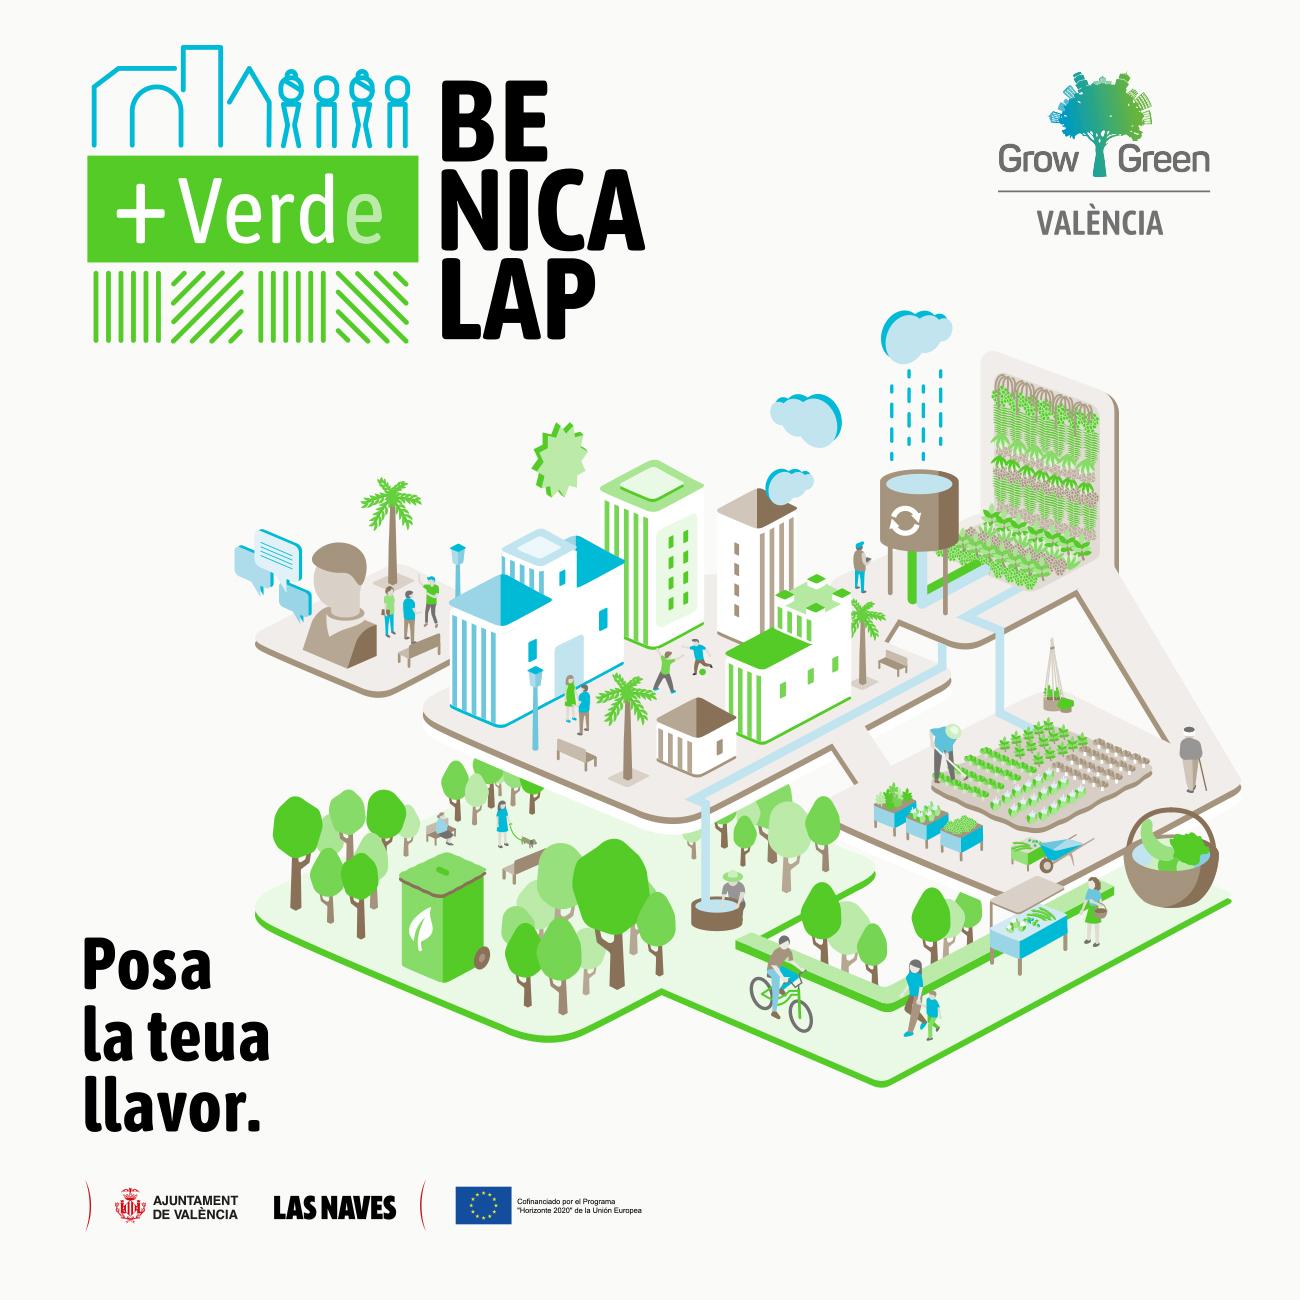 Campaña Grow Green València Las Naves